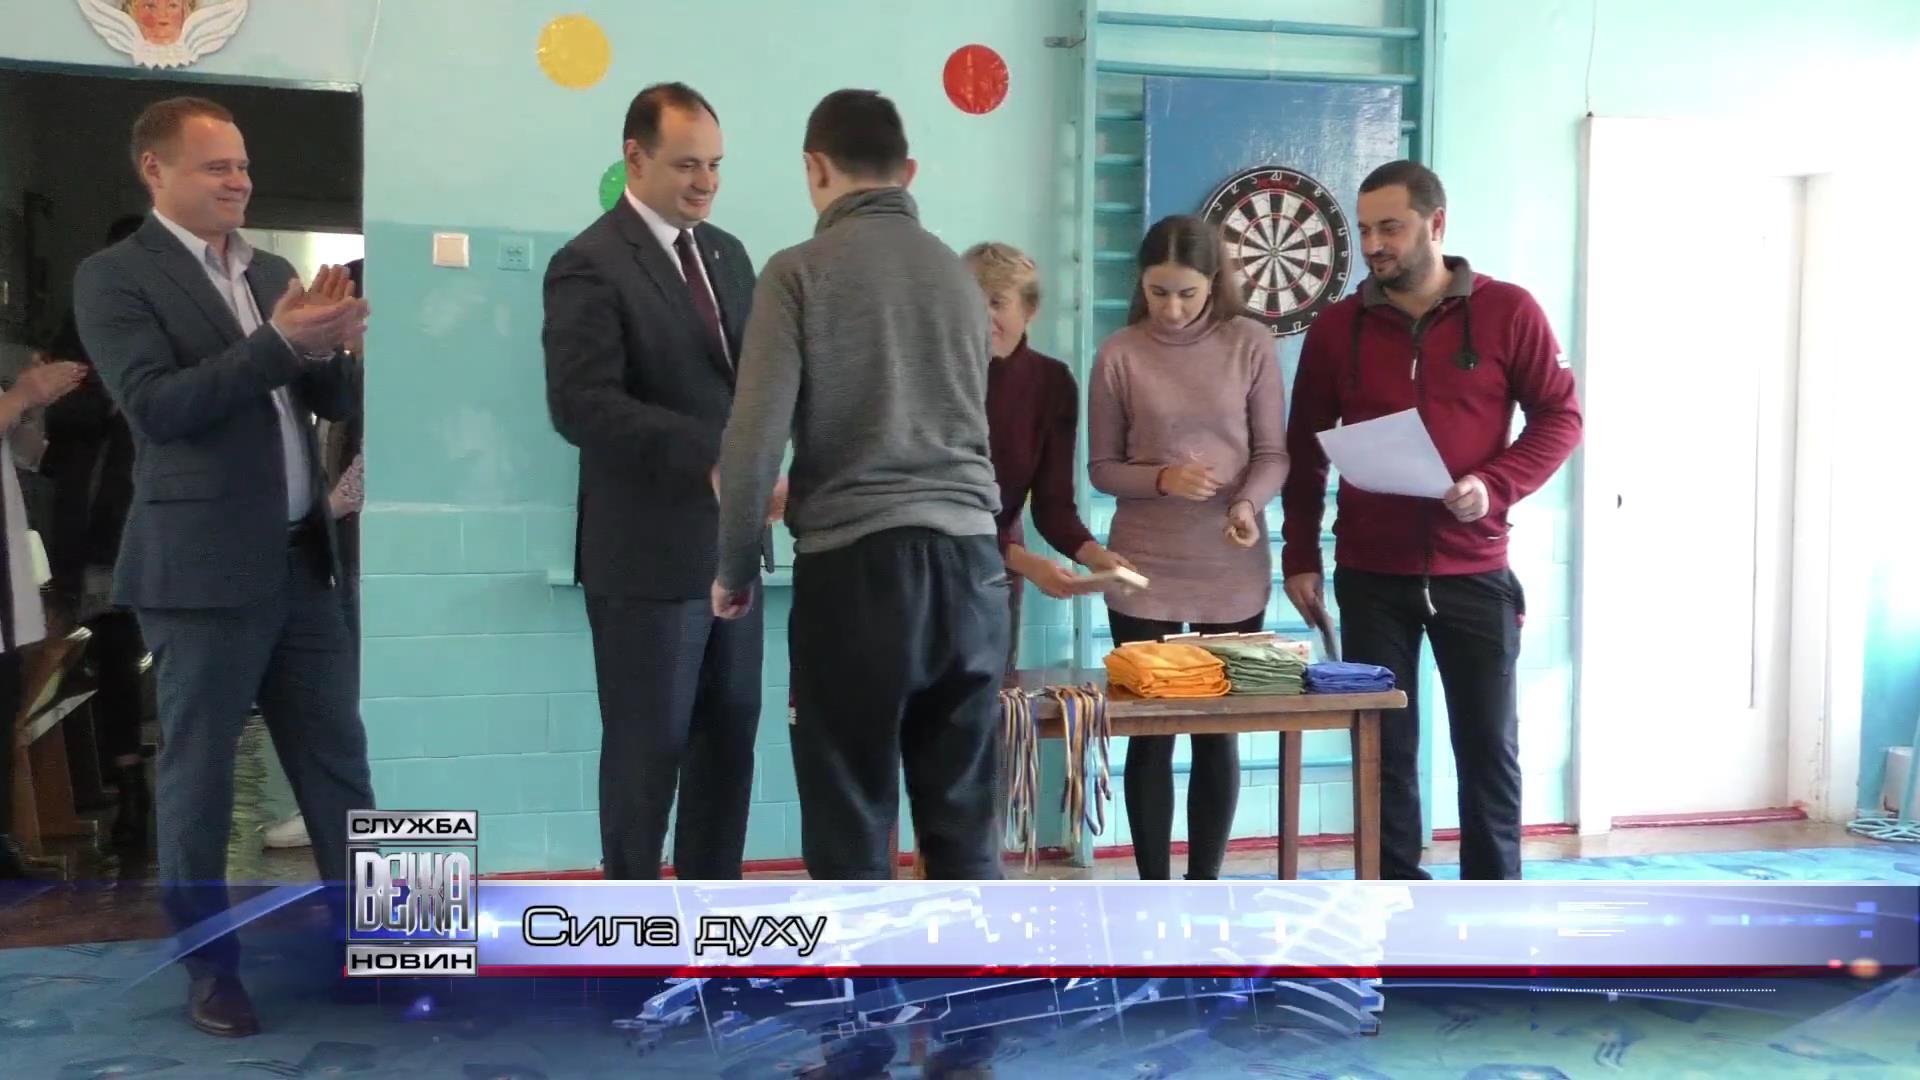 Інваспорт організовує спортивні турніри для дітей з фізичними вадами[17-48-41]